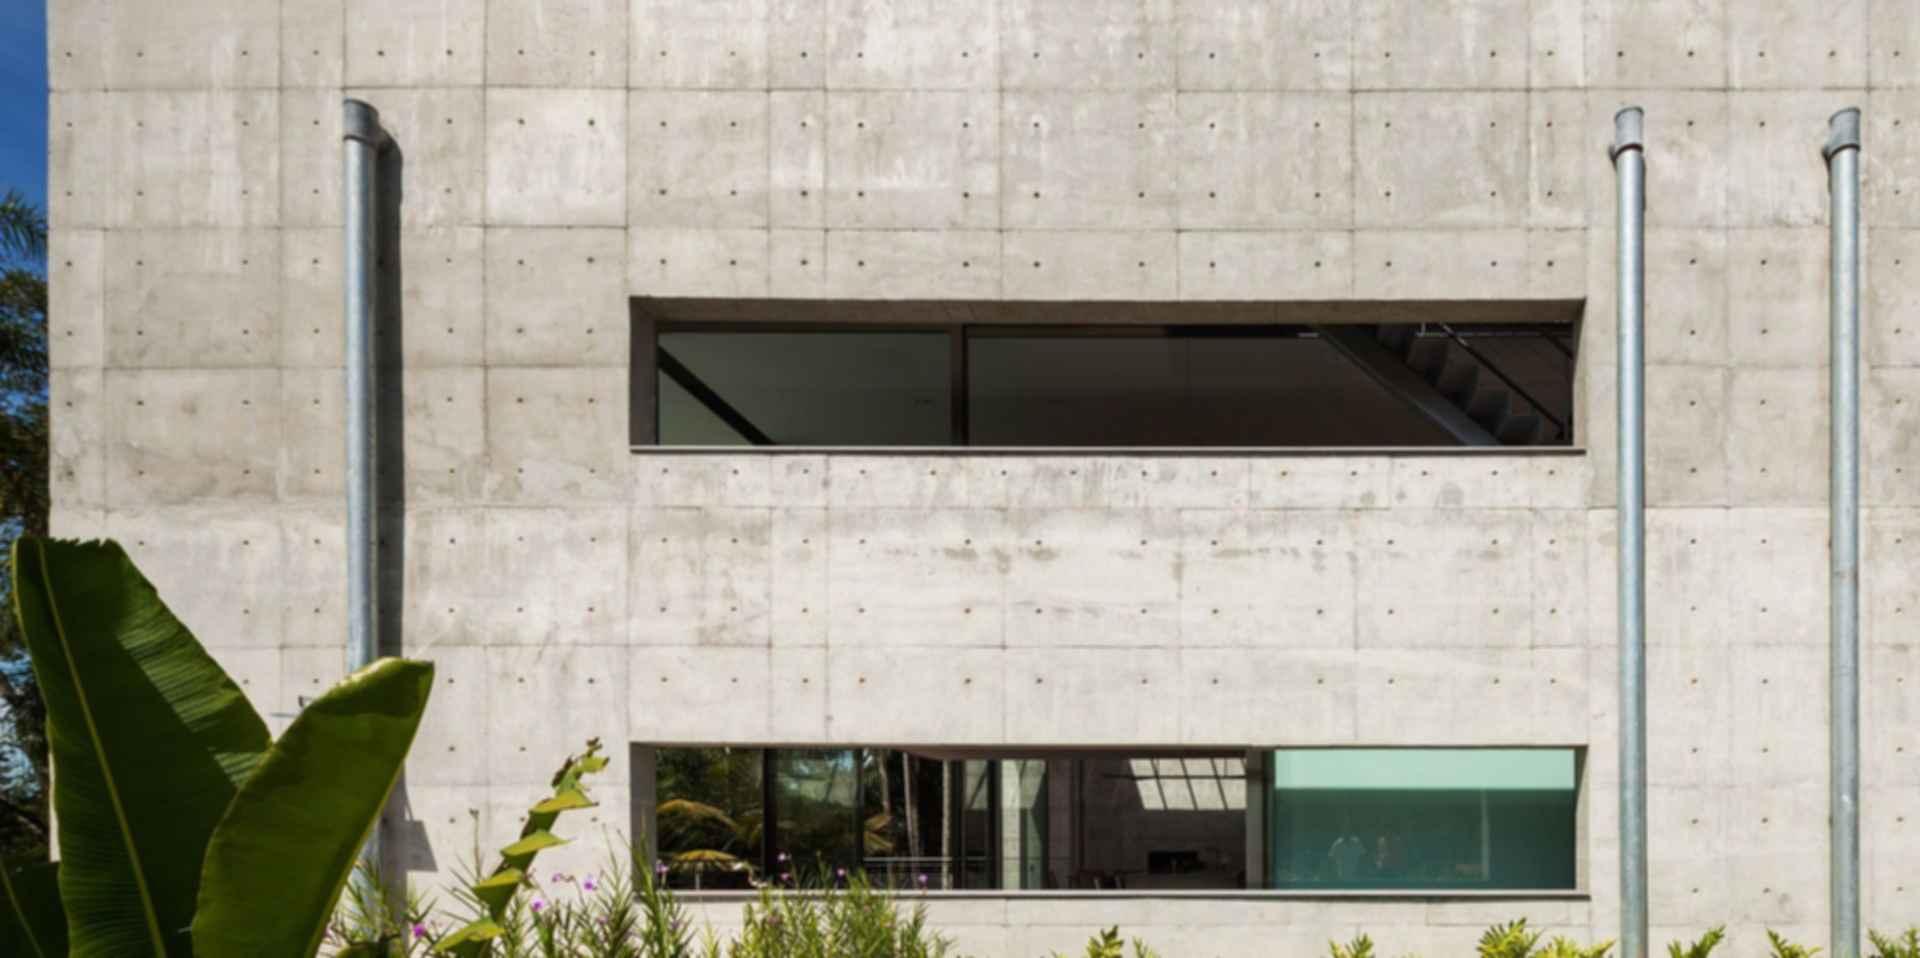 LLM House - Exterior/Concrete Walls